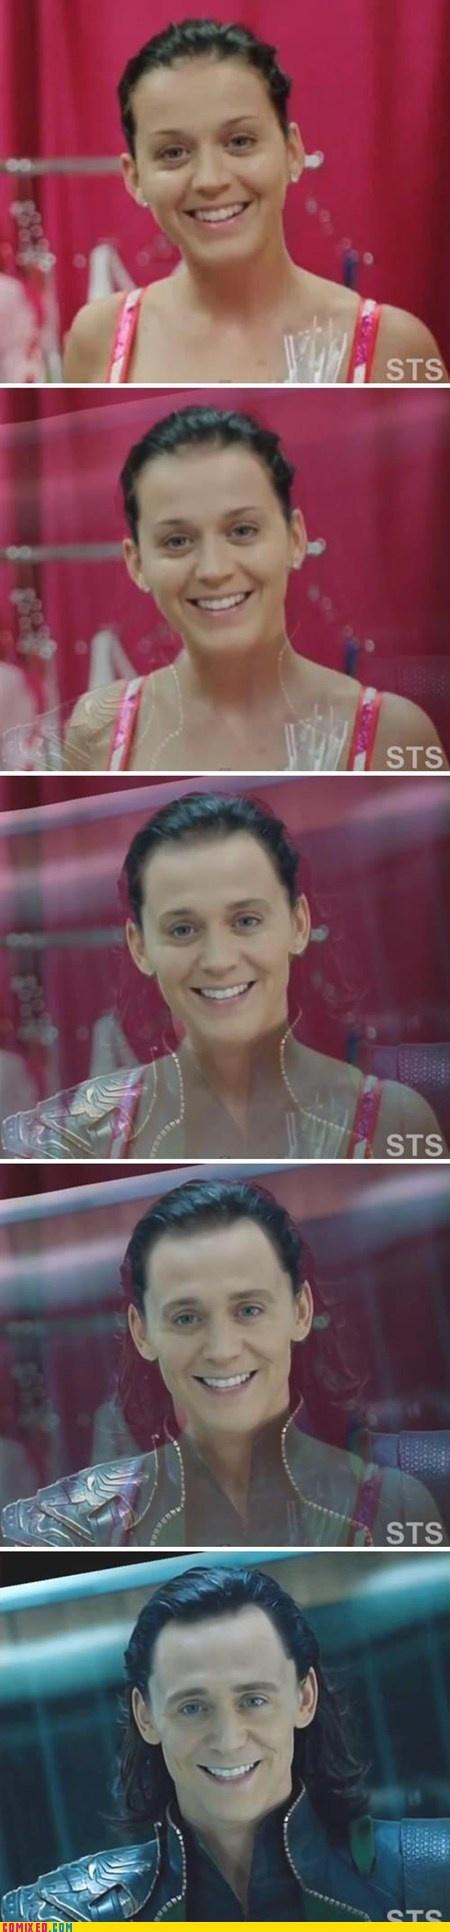 Katy Perry transforms into Loki o.O